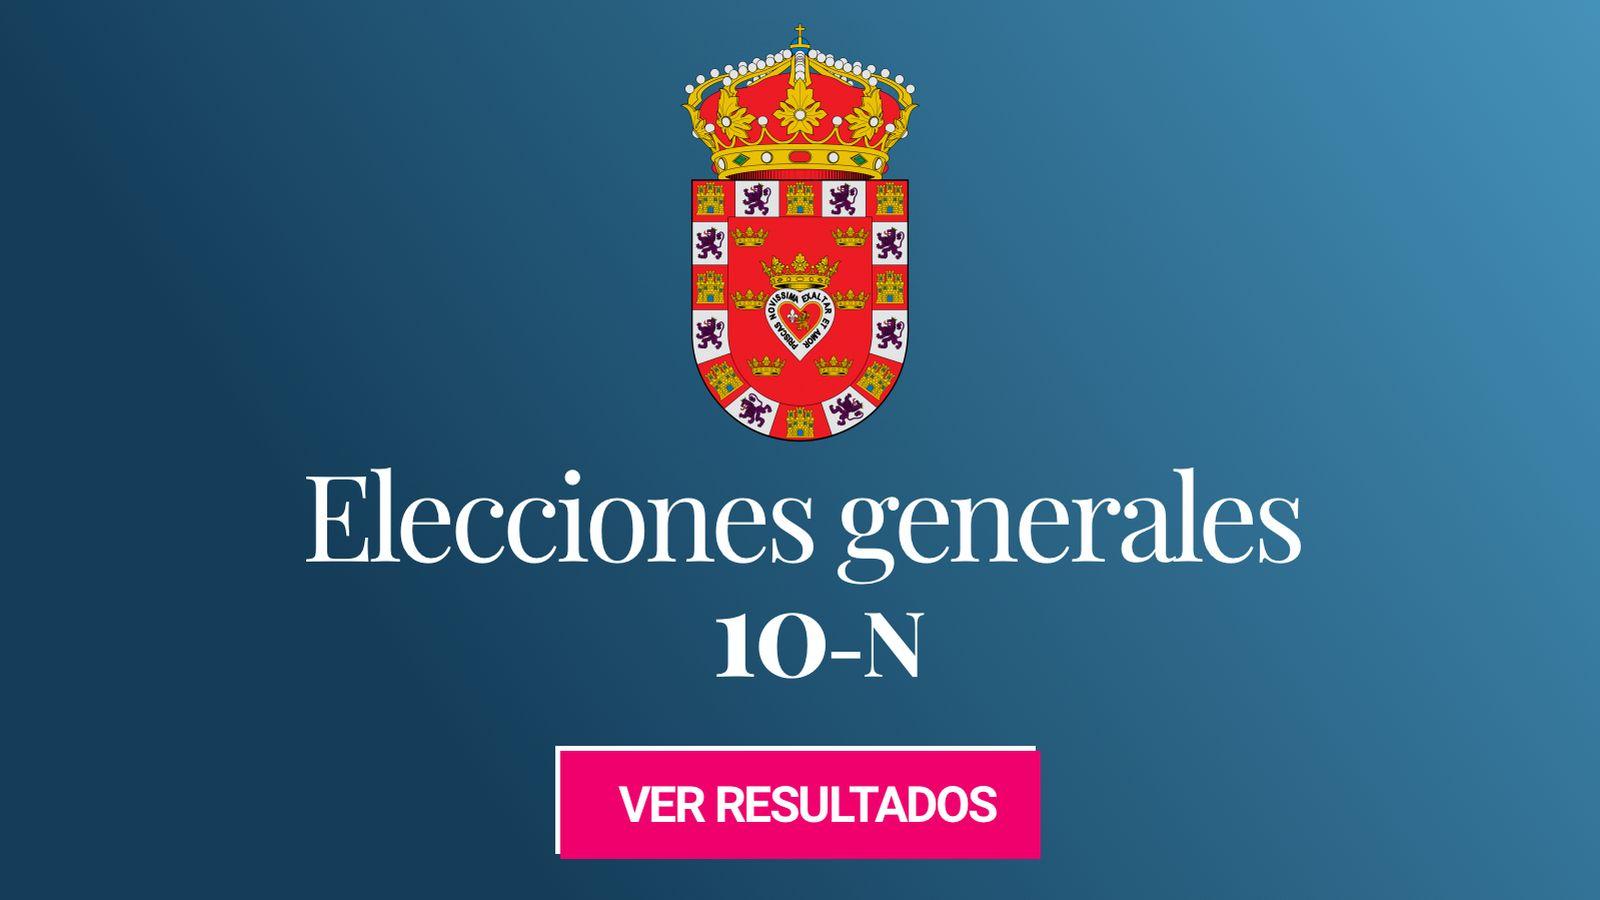 Foto: Elecciones generales 2019 en Murcia. (C.C./EC)